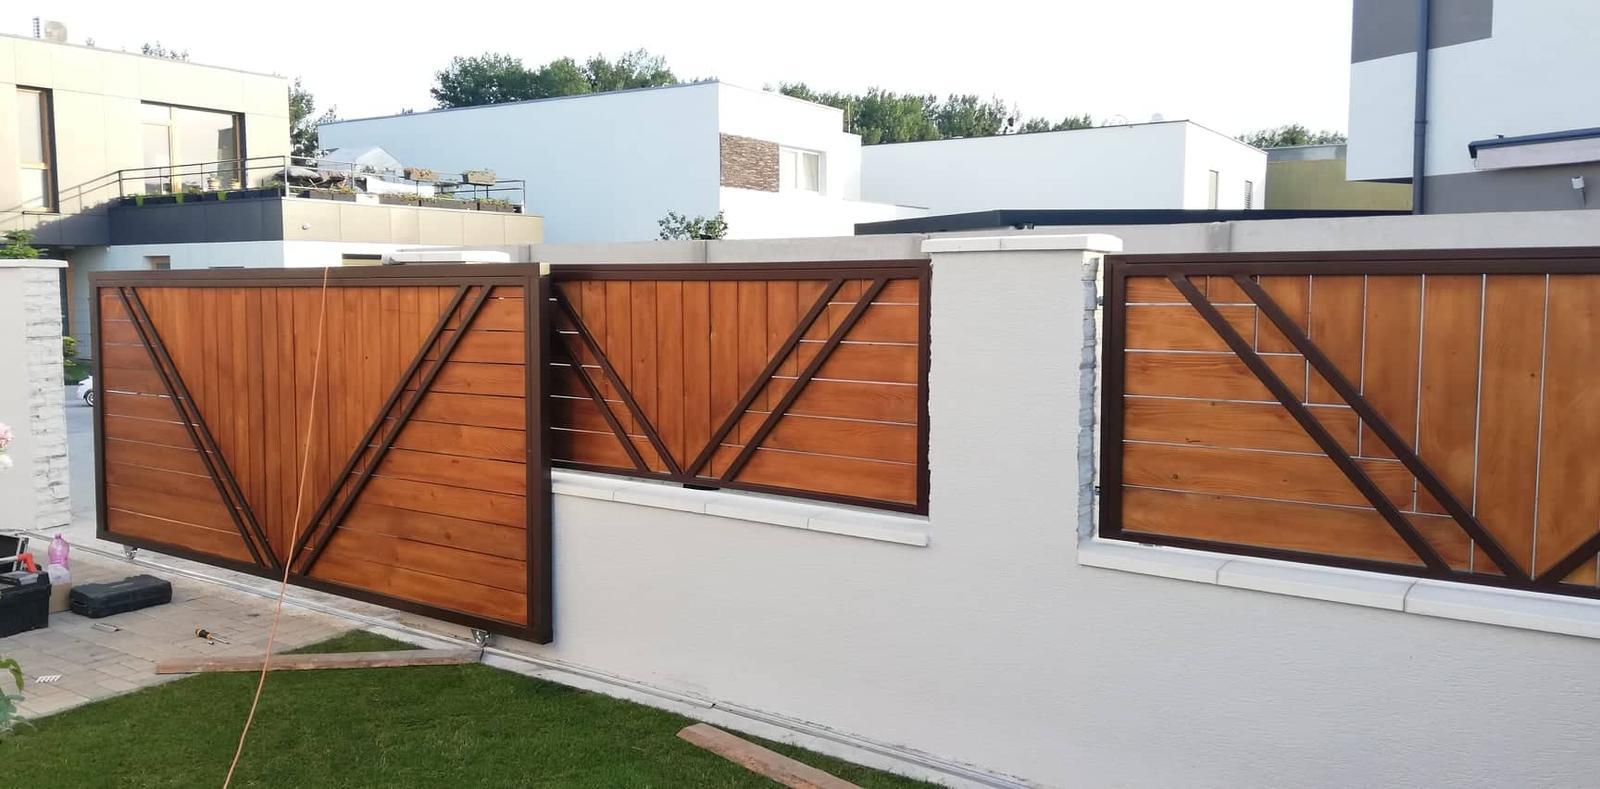 Posuvná brána + plotové výplne. Materiál smrek tzv parketový vzor - Obrázok č. 3